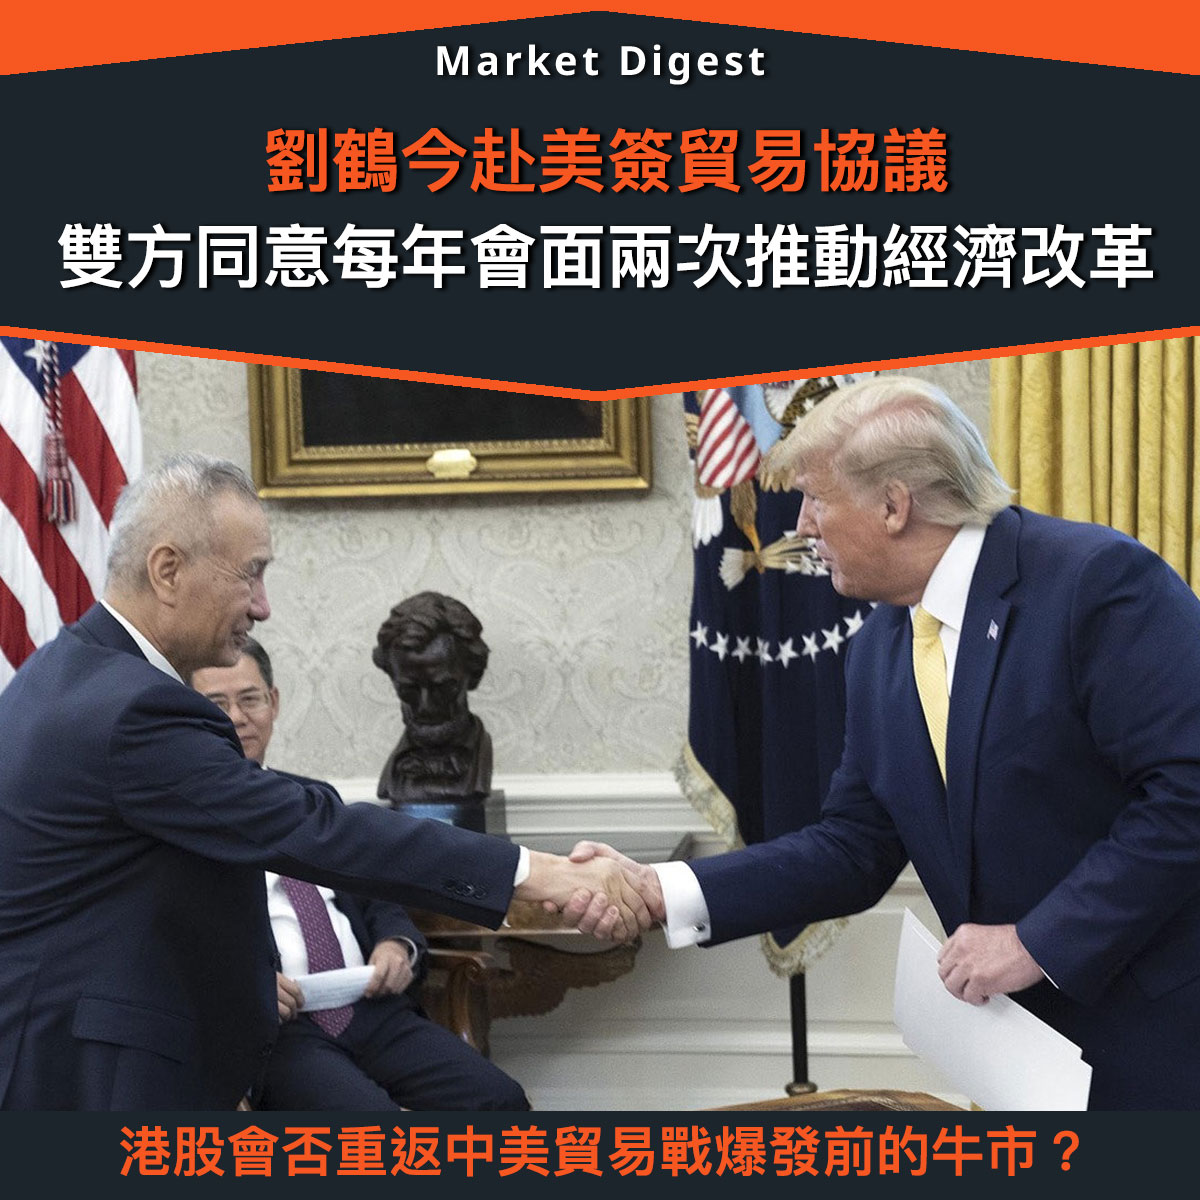 【市場熱話】劉鶴今赴美簽貿易協議,雙方同意每年會面兩次推動經濟改革